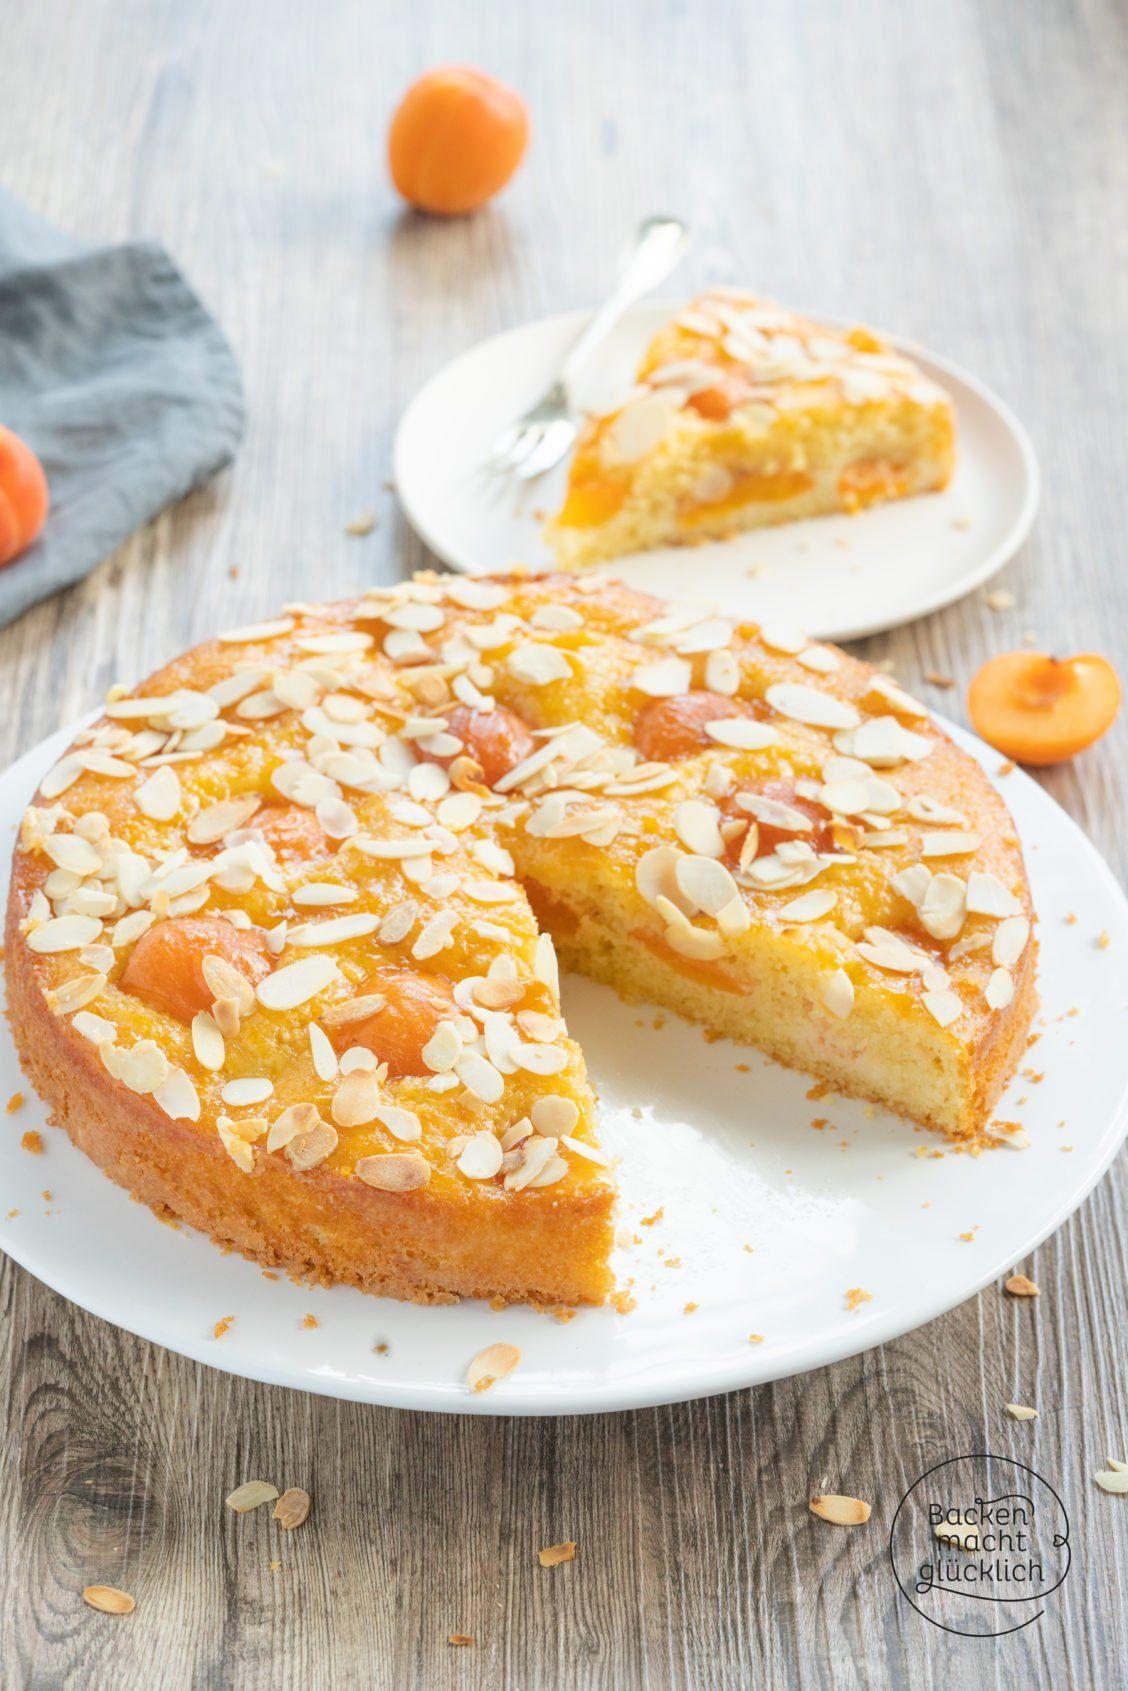 Photo of Einfacher, saftiger Aprikosenkuchen | Backen macht glücklich